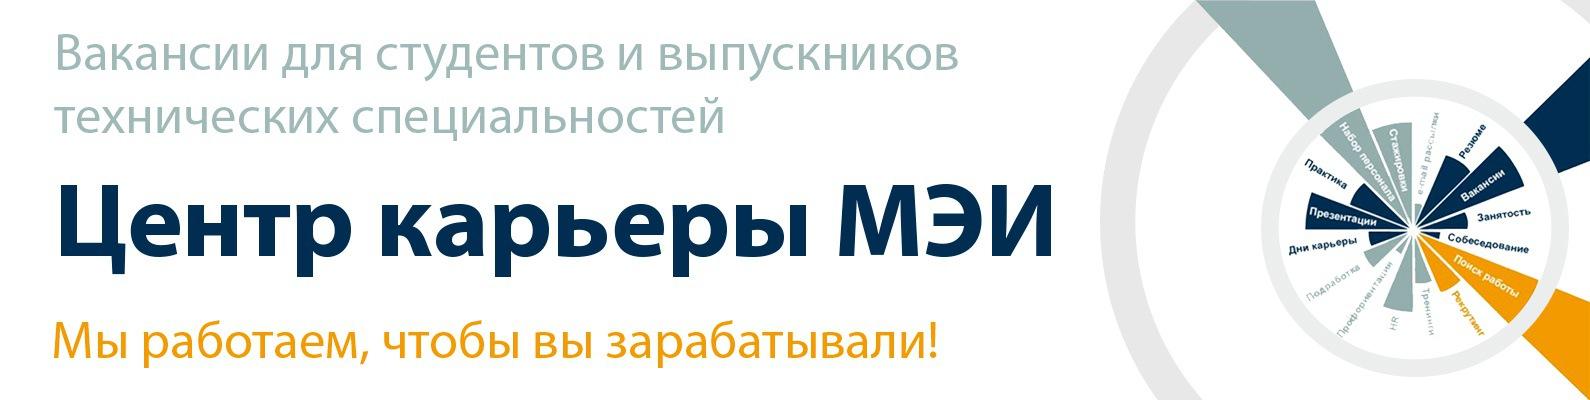 Работа в рузском районе свежие вакансии неполная занятость частные объявления квартиры е